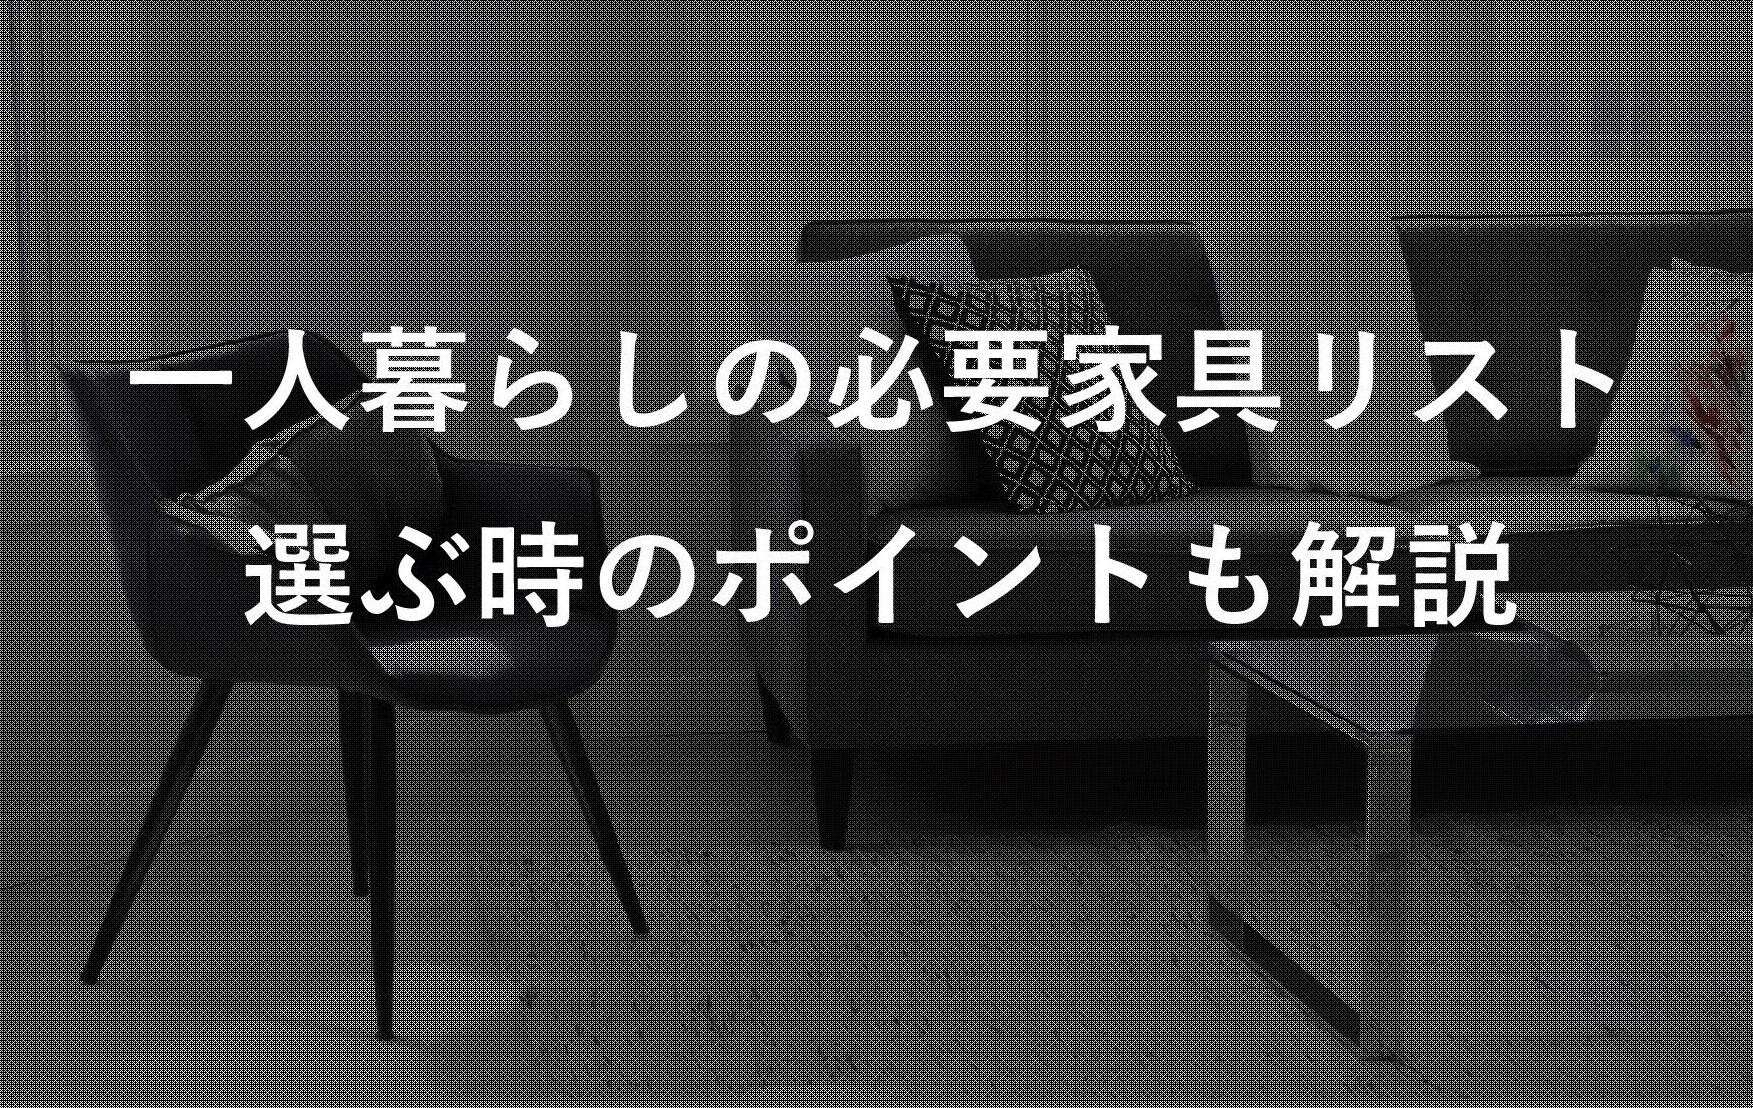 一人暮らし大学生向け!必要な家具と予算を経験談をもとに解説